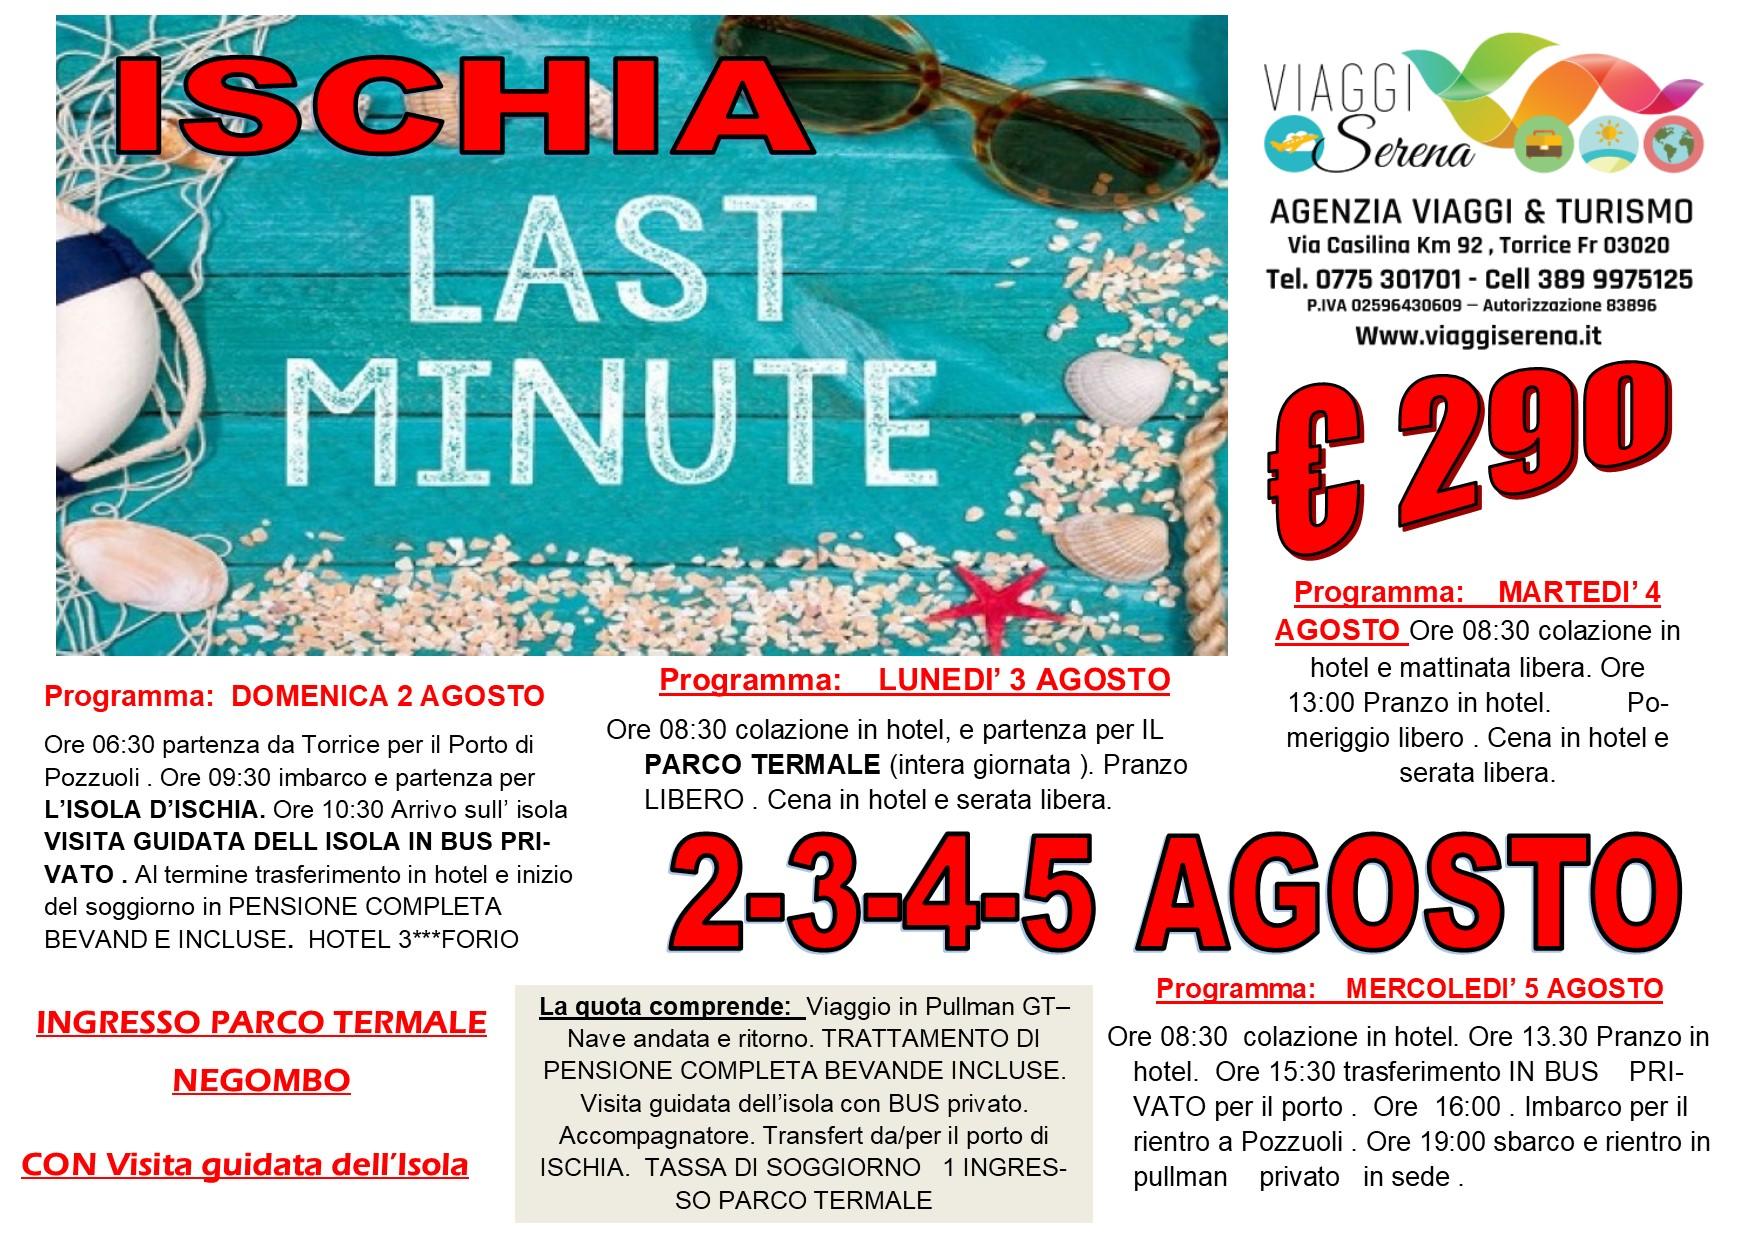 Viaggi di Gruppo: soggiorno ISCHIA 2-3-4-5 Agosto €290,00